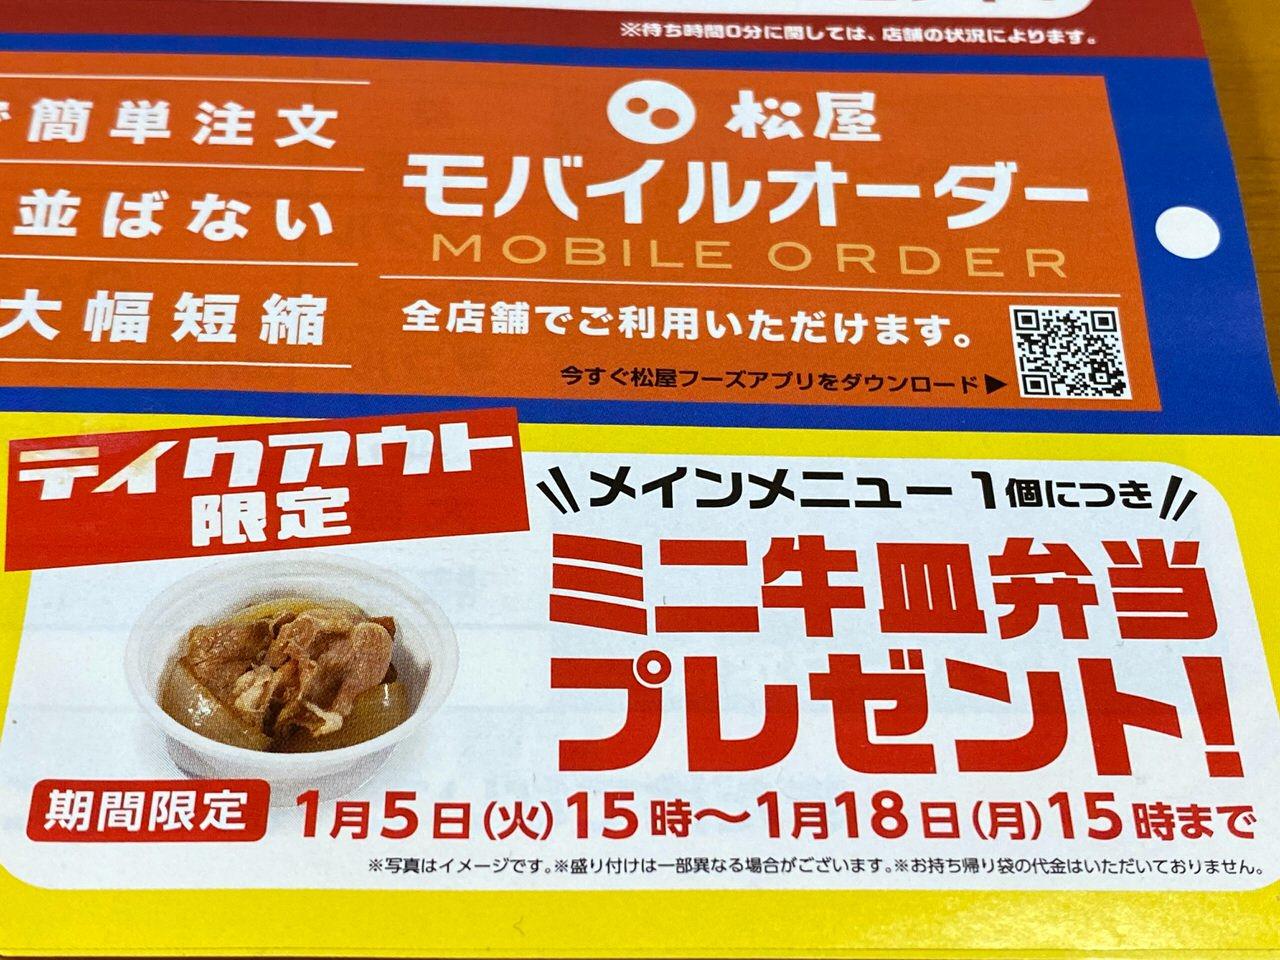 【松屋】「お肉たっぷり焼き牛めし 元祖旨辛ダレ」 09